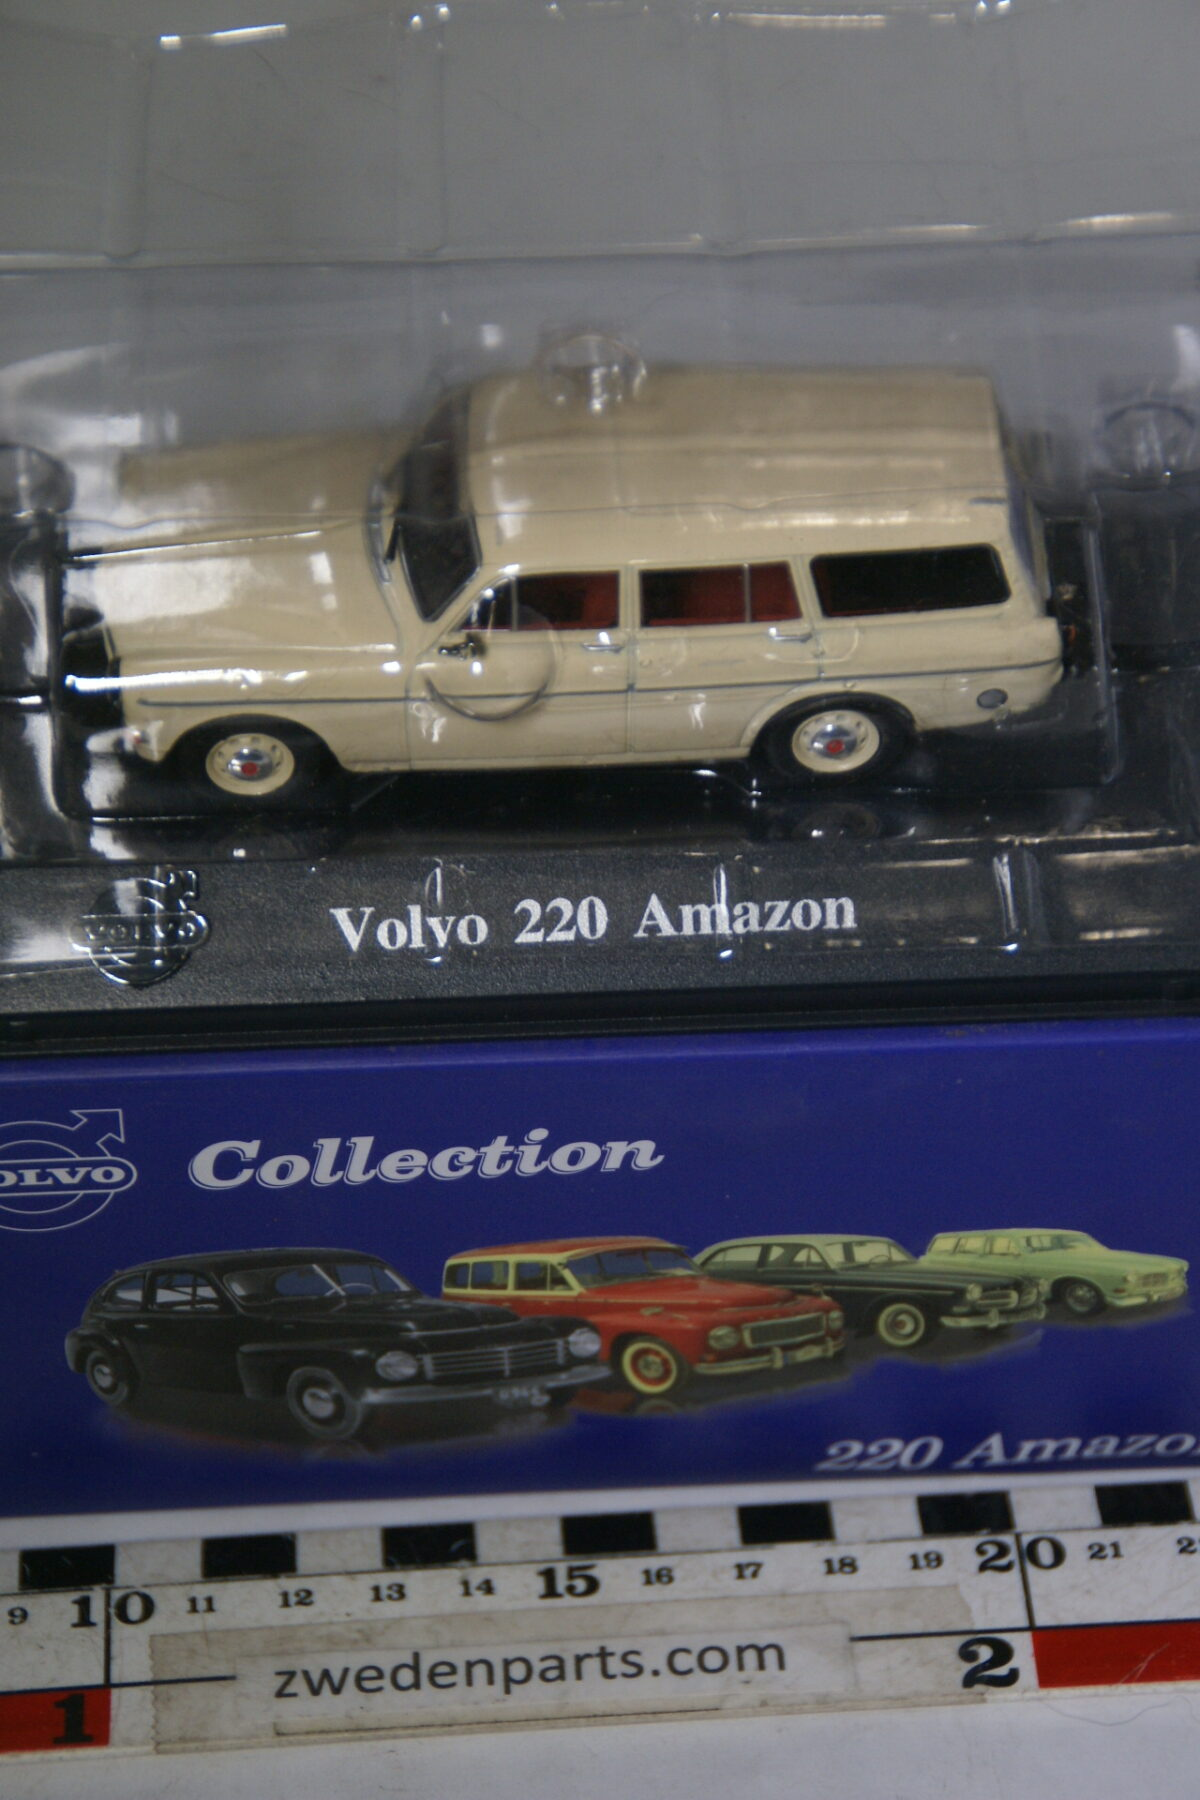 DSC00511 miniatuur Volvo Amazon combi 220 creme 1op43 Atlas 21 nieuw in originele verpakking-3ce90768